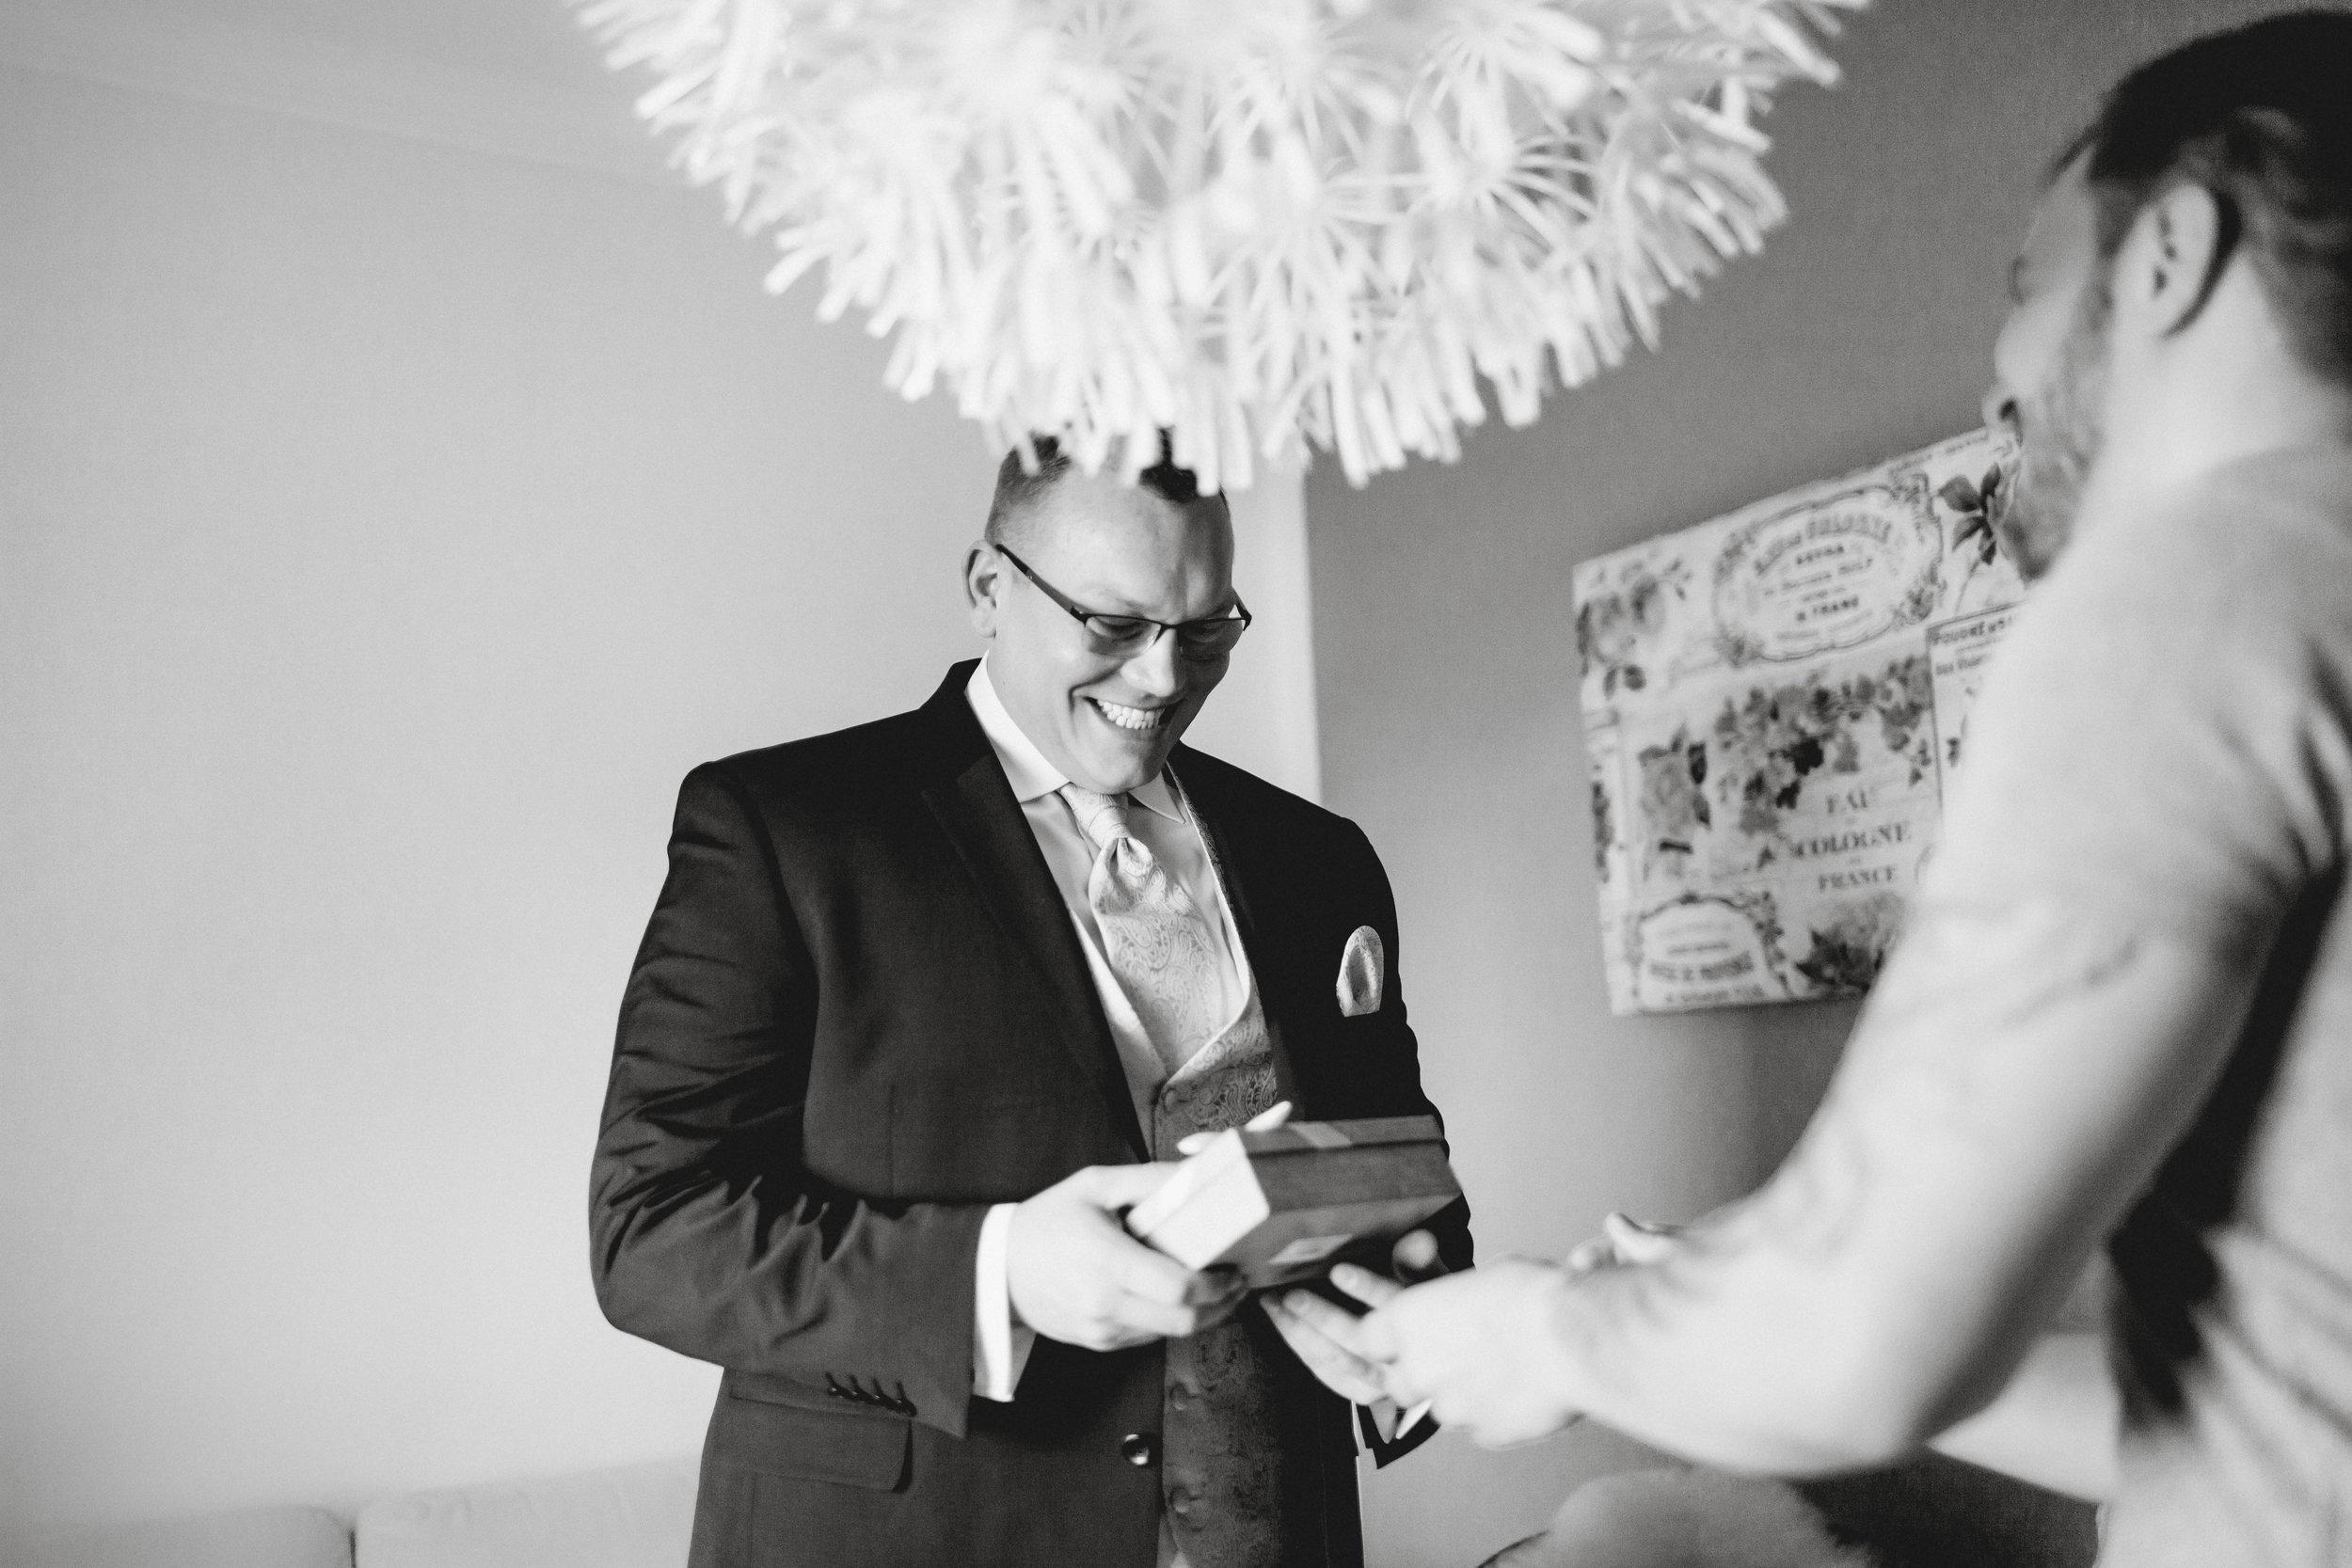 Hochzeit_028sw.jpg